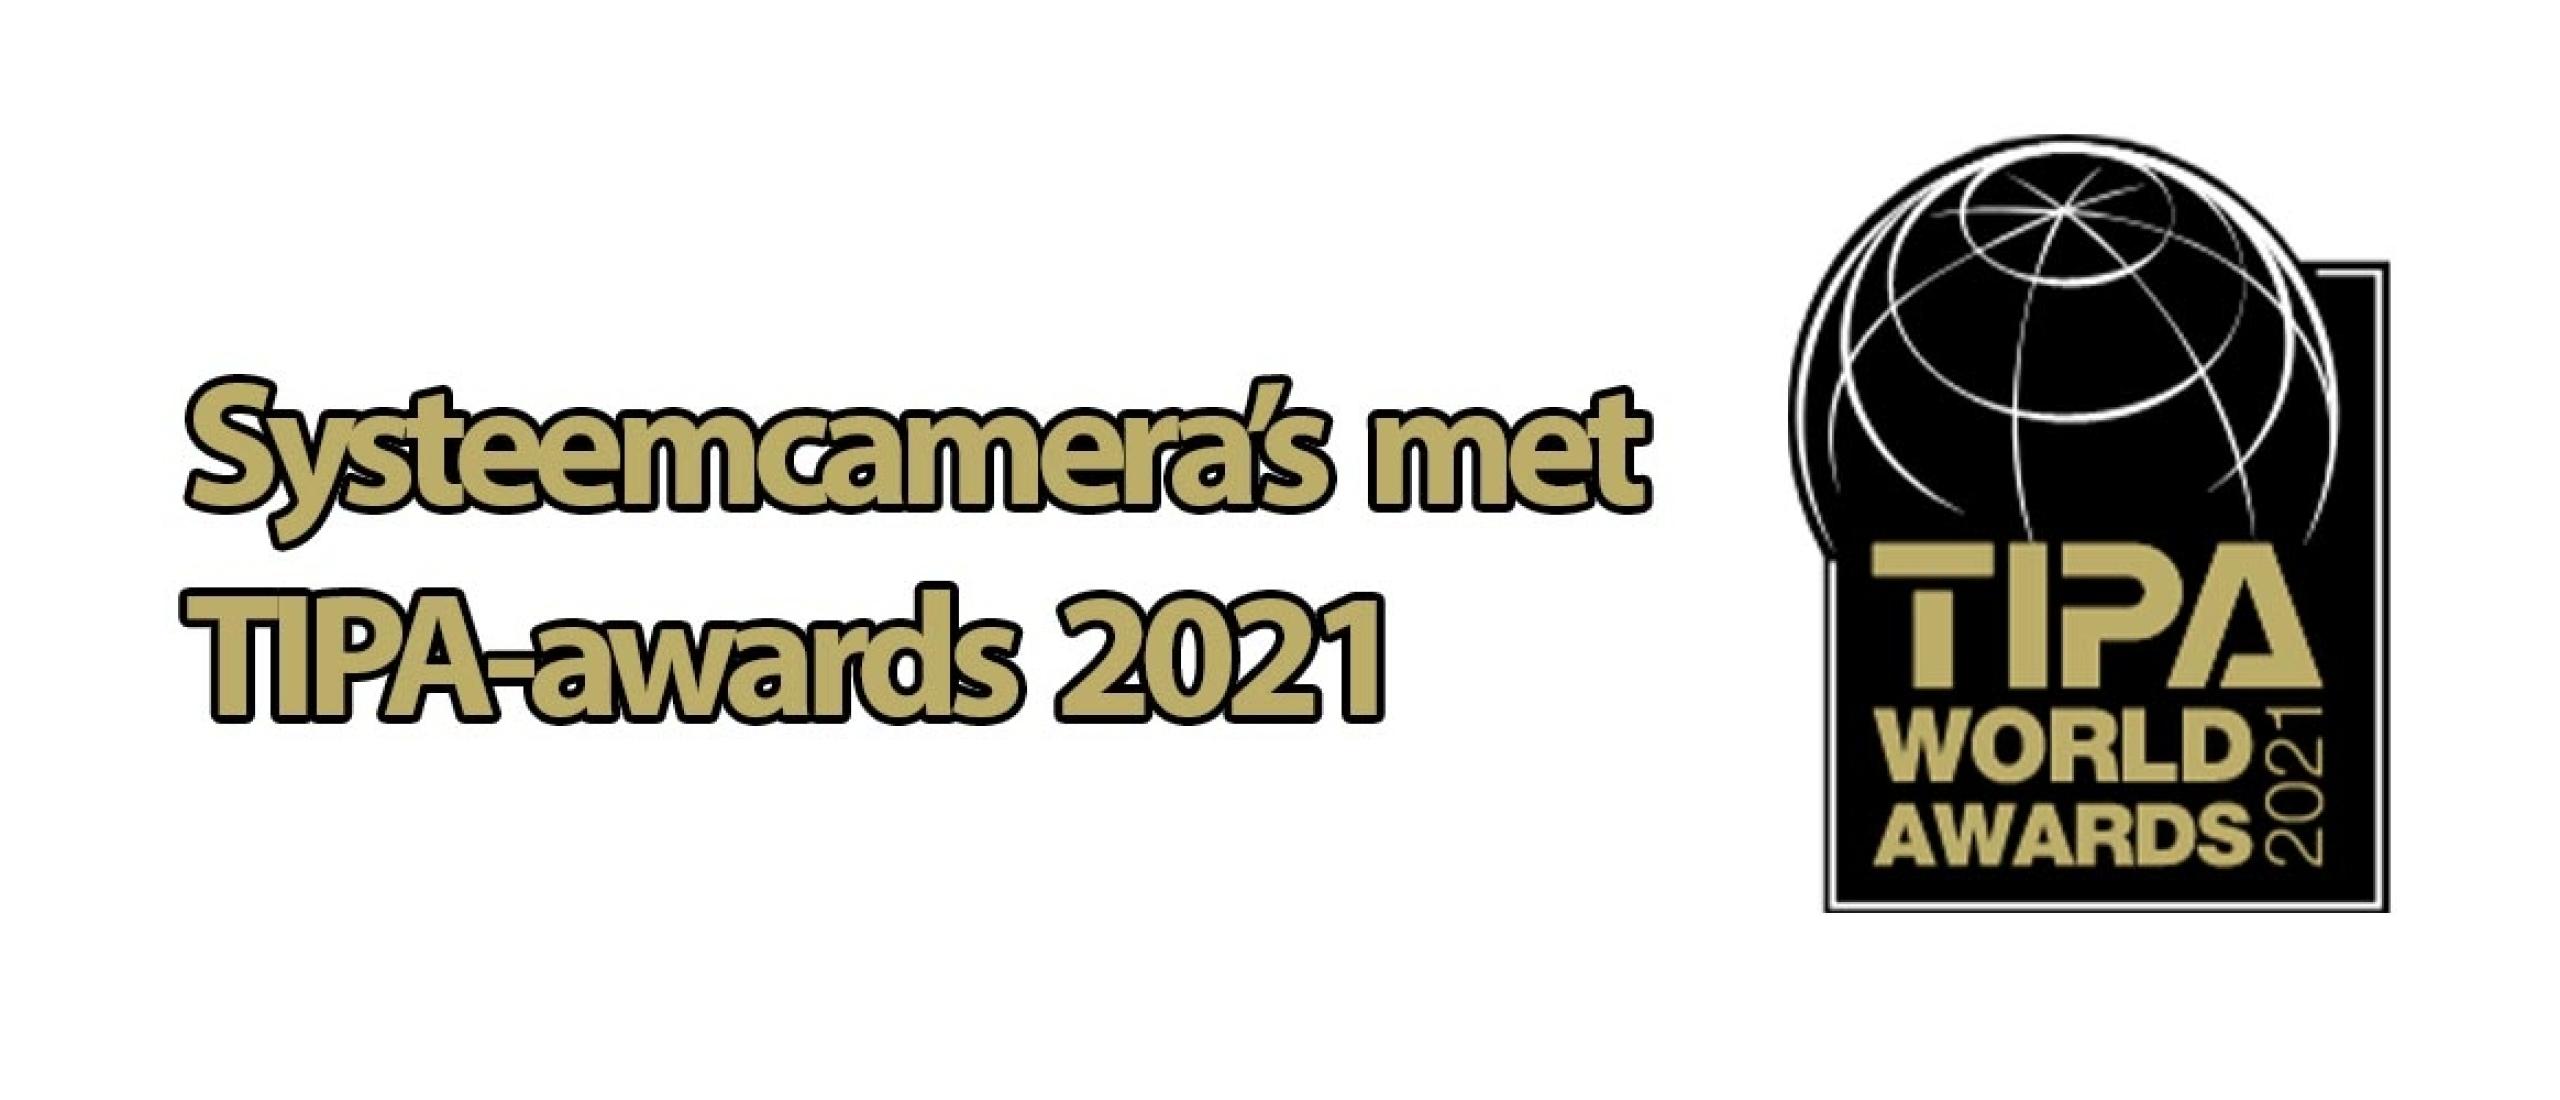 Beste systeemcamera's met een TIPA-award 2021